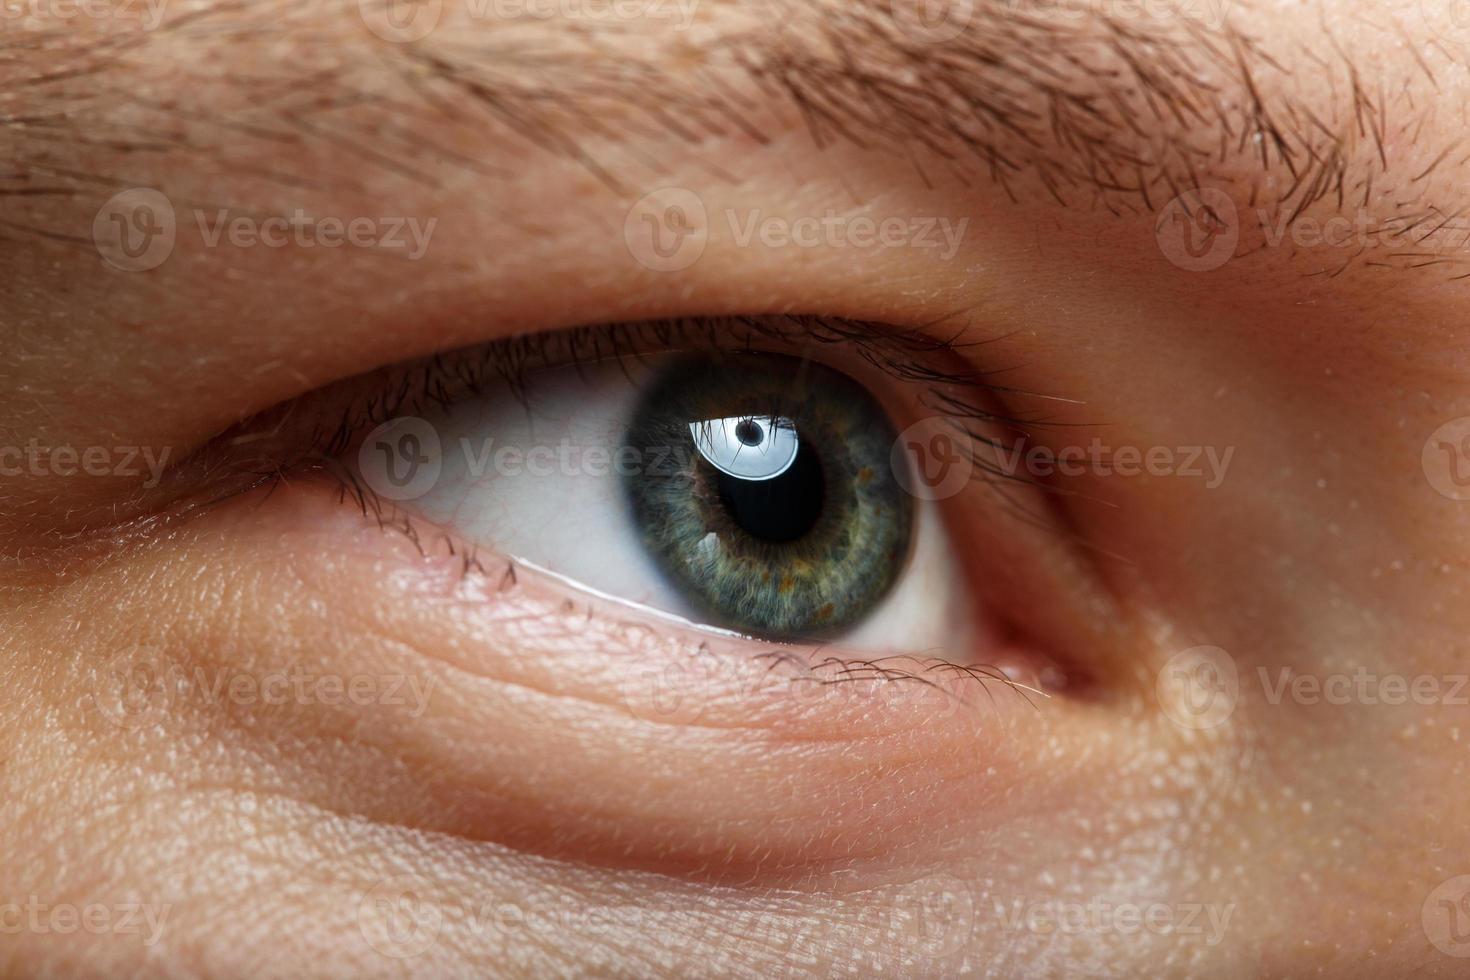 männliche rechte grüne Auge extreme Nahaufnahme foto